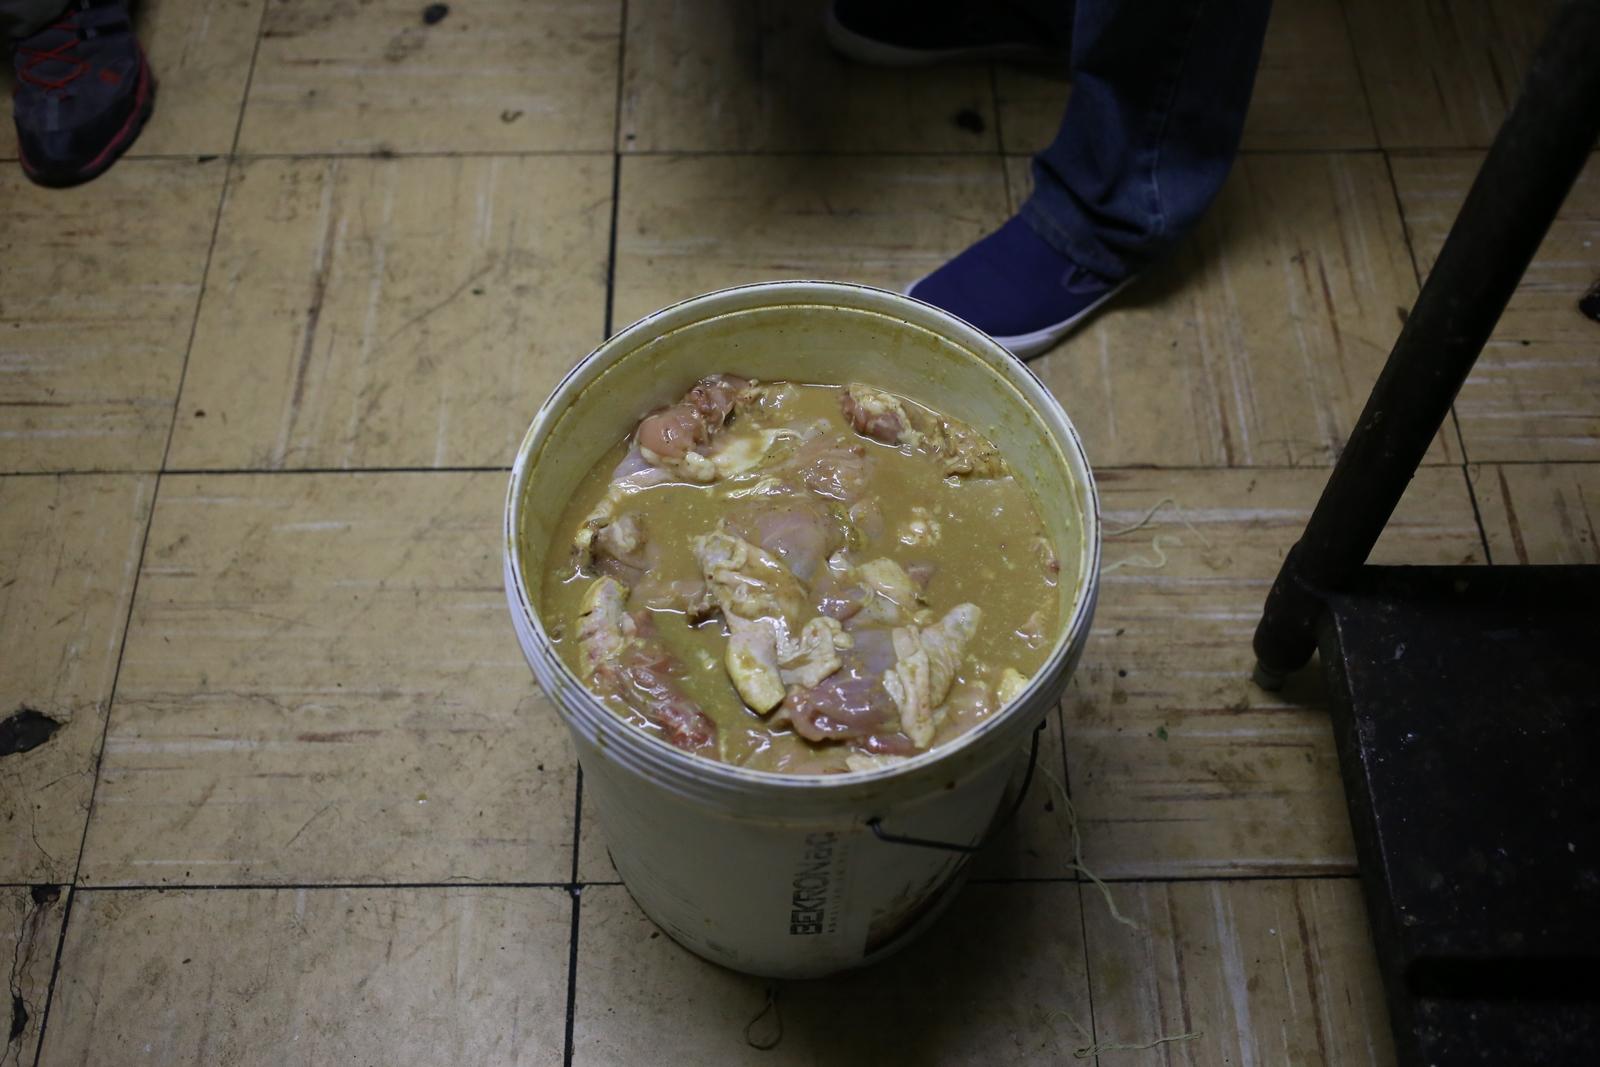 Ahora decomisan alimentos en mal estado en sector de Plaza Arica: Brochetas de pollo y carne, papas fritas, verduras y frutas